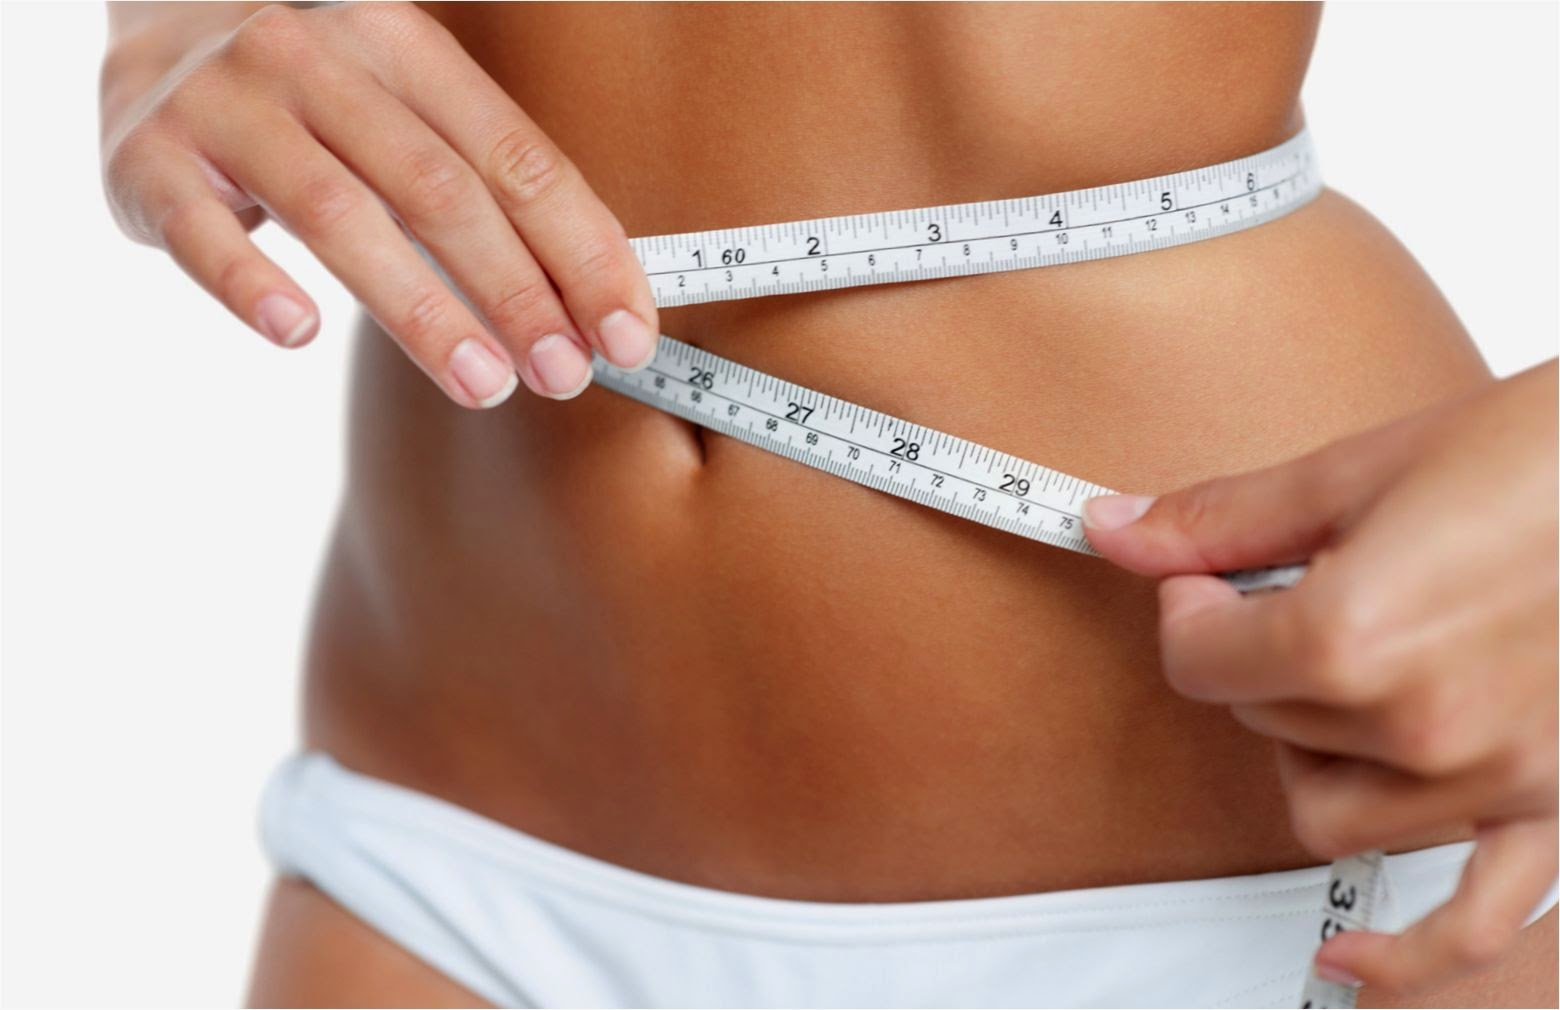 Как похудеть на 3 кг за неделю подростку в домашних условиях